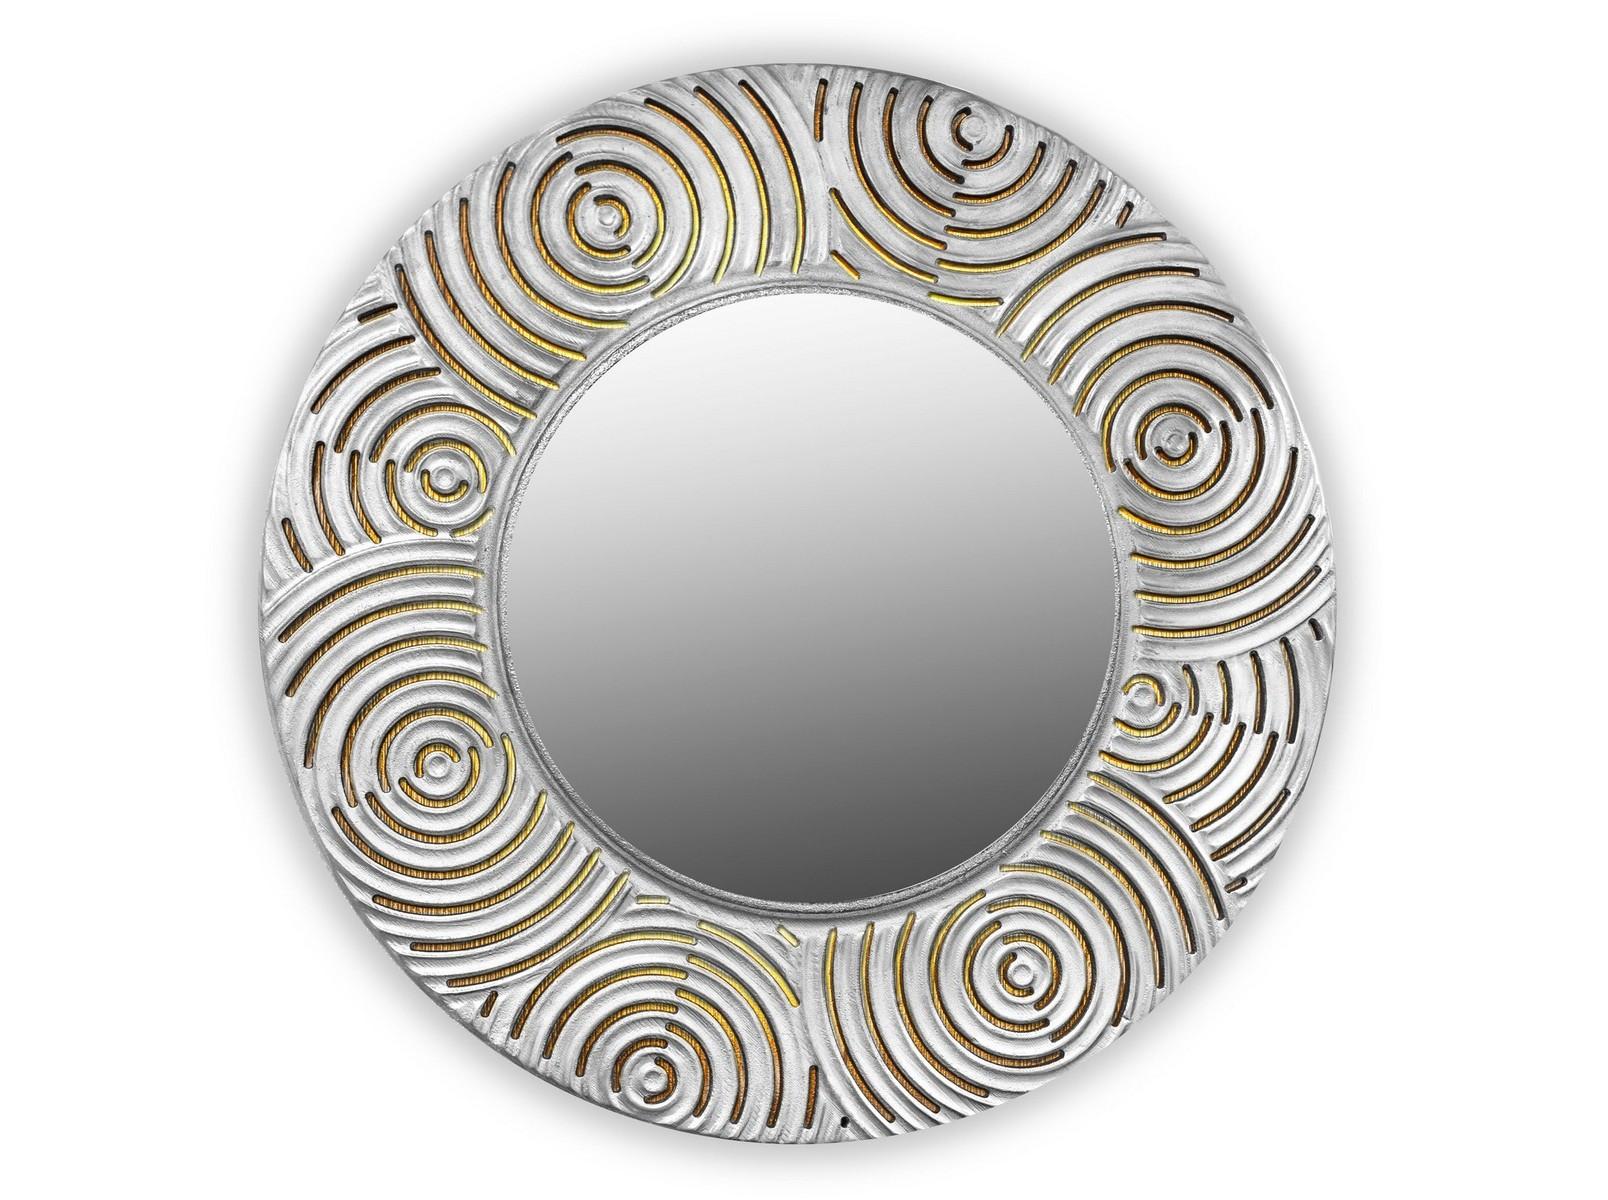 Зеркало PENUMBRAНастенные зеркала<br>Собрать жизнь как мозаику-фрагмент за фрагментом укладывая события и чувства в уникальную картину. <br>Глядя на узор зеркал, вспоминайте о ярких днях и мечтайте о том,что сделает вашу жизнь богаче.Товарное предложение оснащено светодиодной подсветкой.<br><br>kit: None<br>gender: None